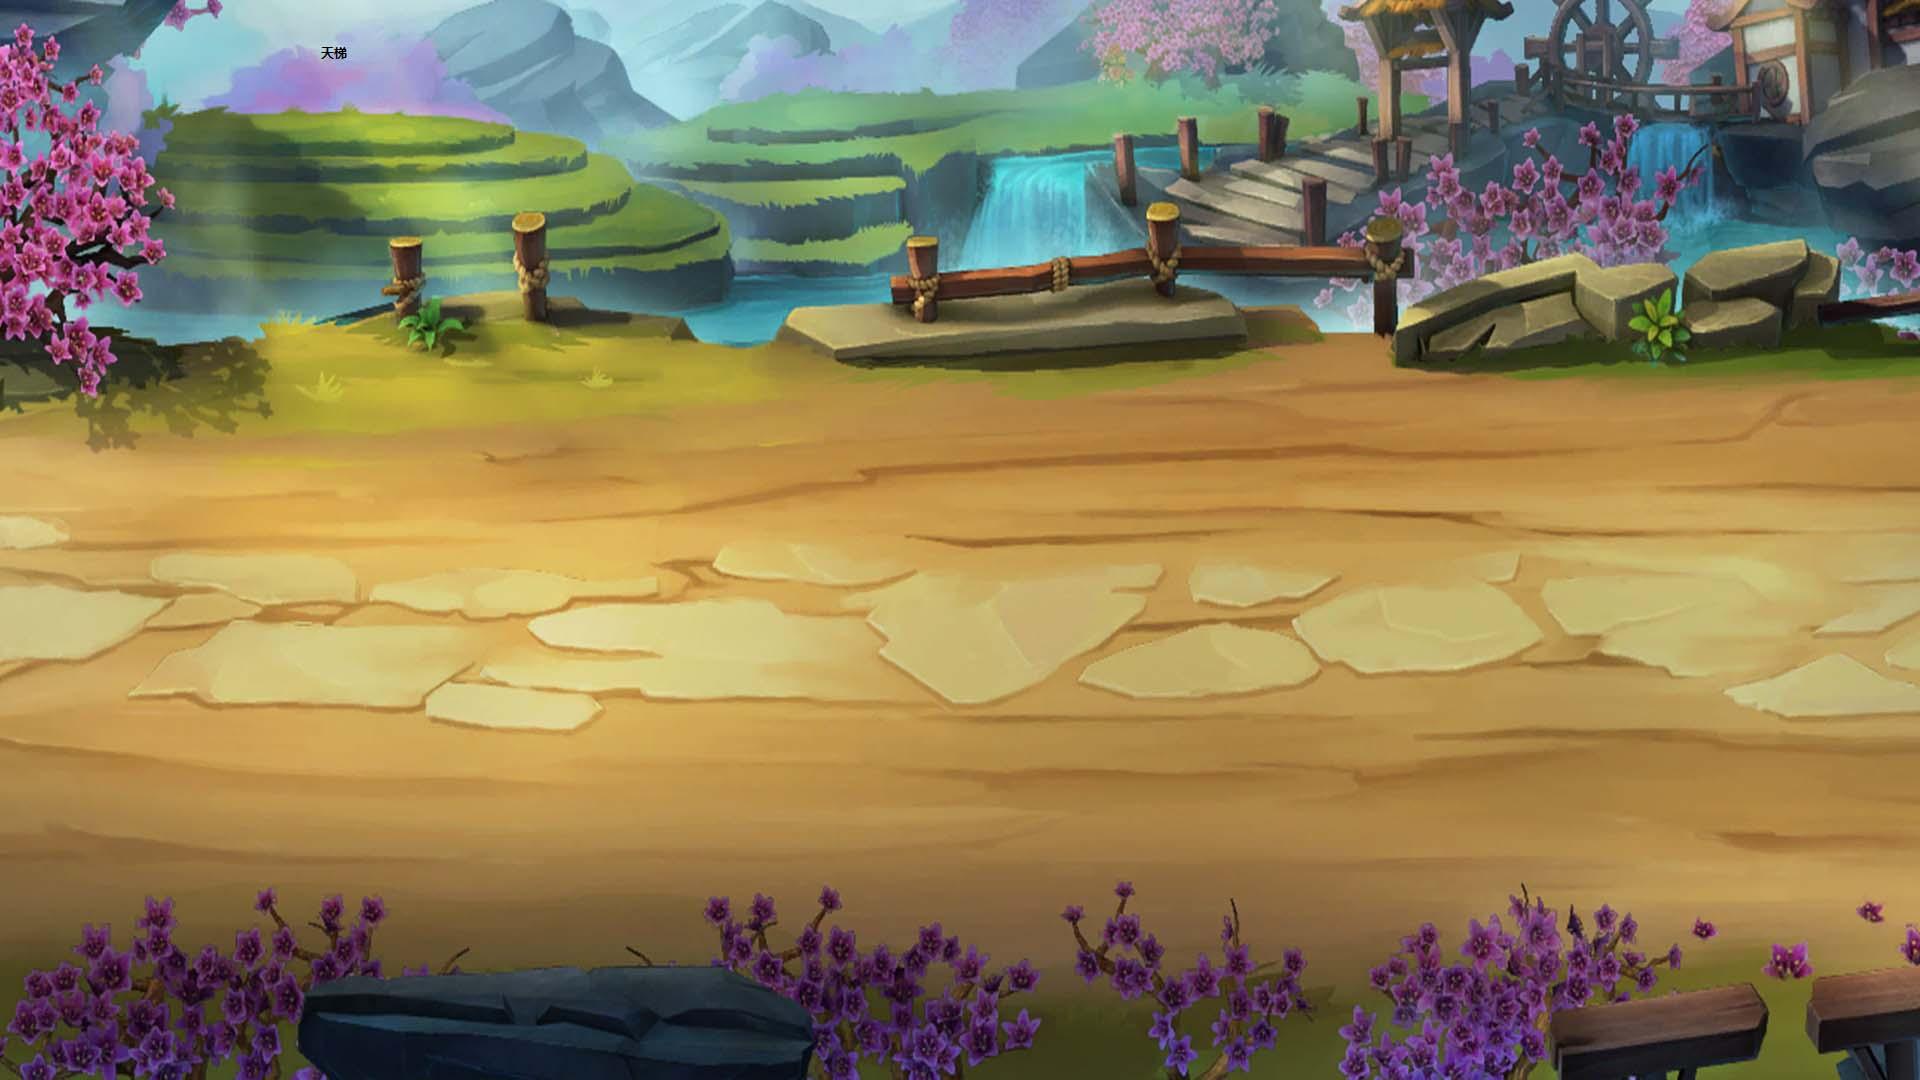 武神三国志游戏截图1